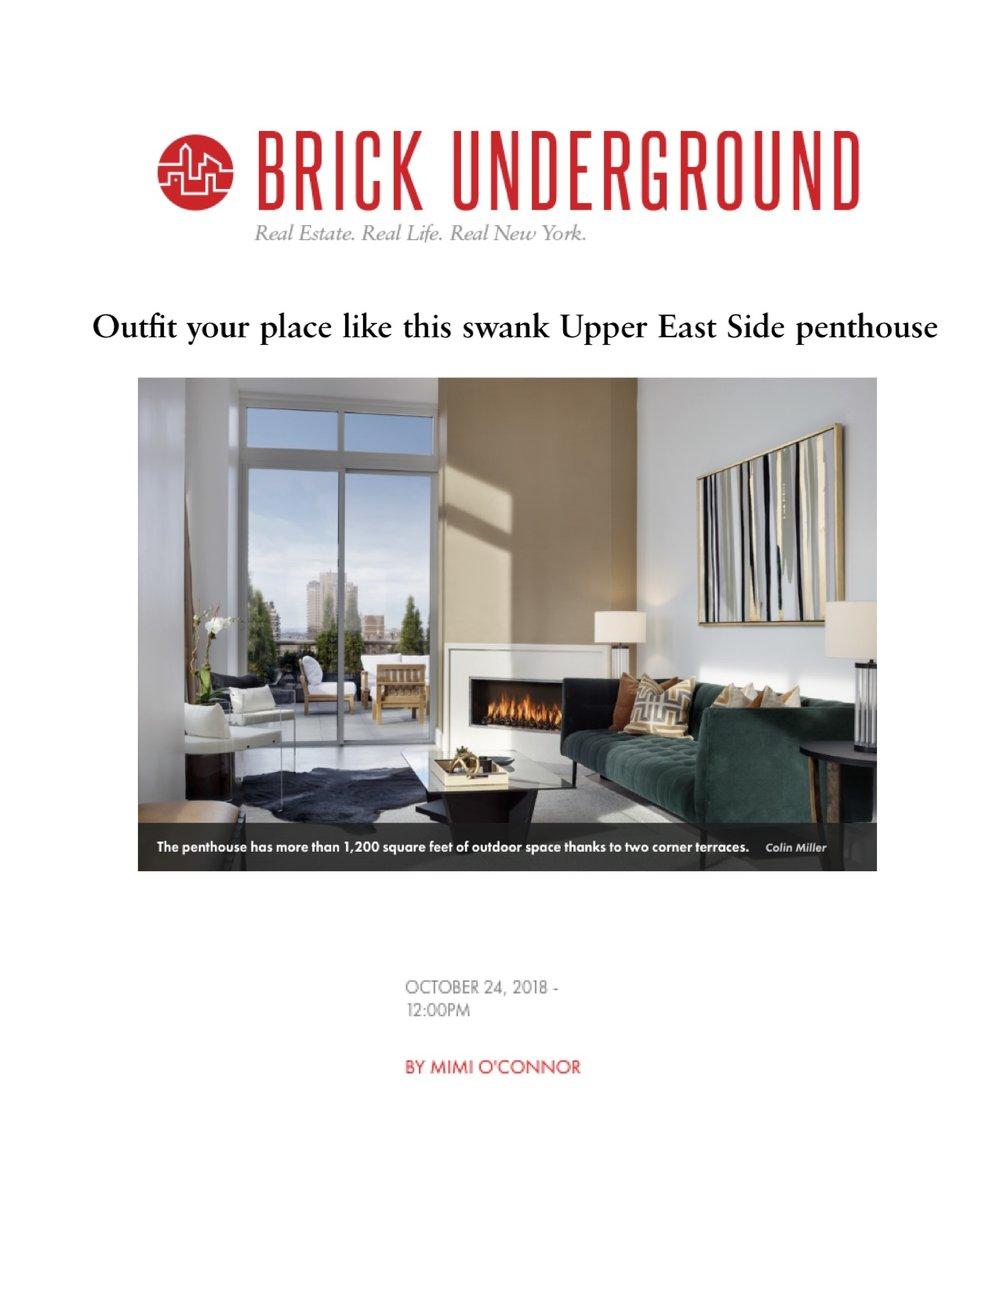 Brick Underground_10.24.18.jpg